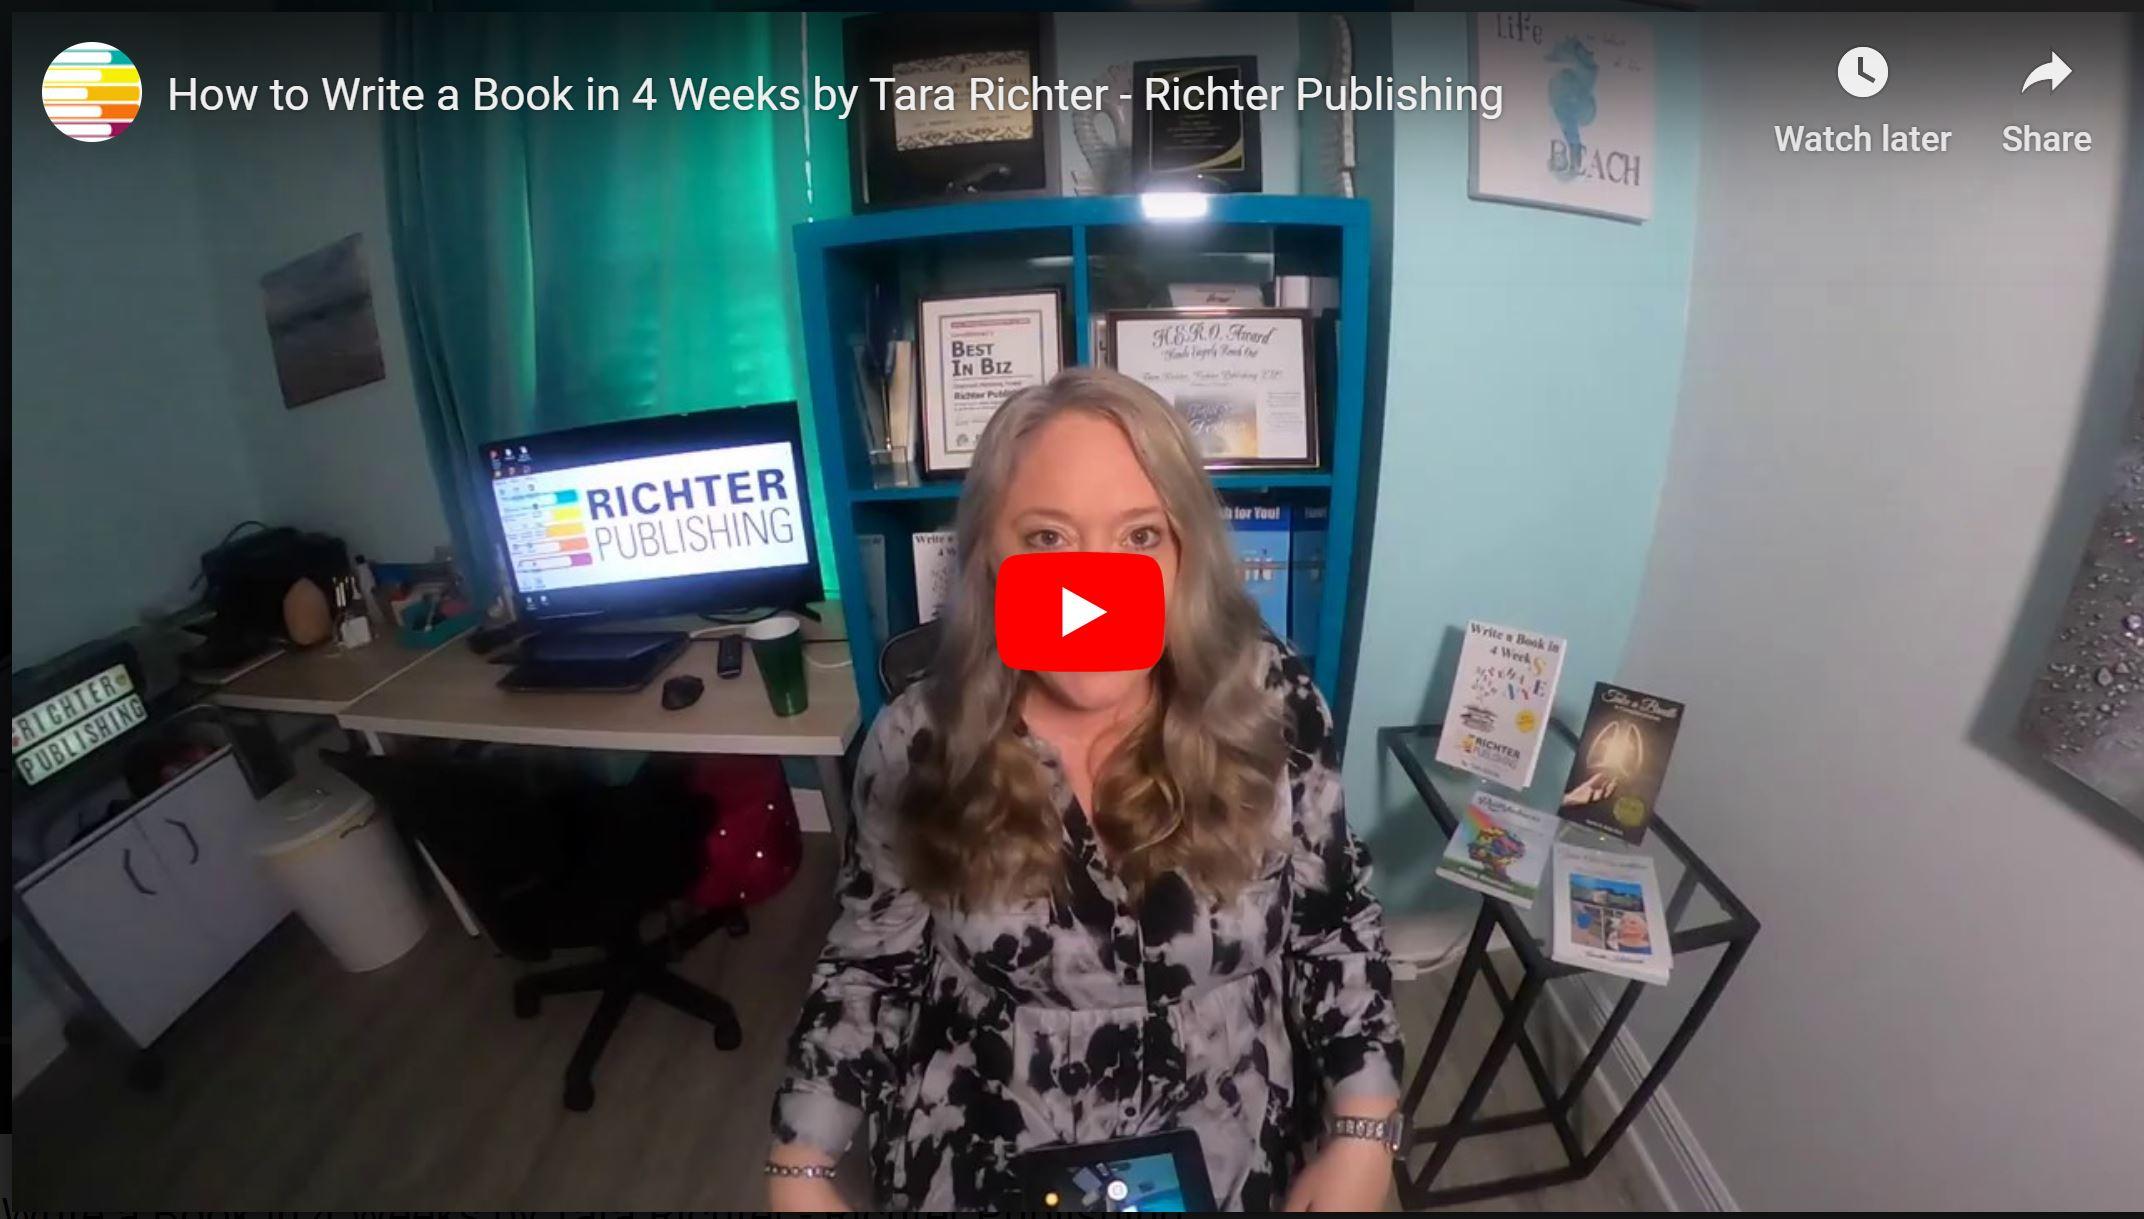 How to Write a Book in Four Weeks- Youtube Screenshot.JPG